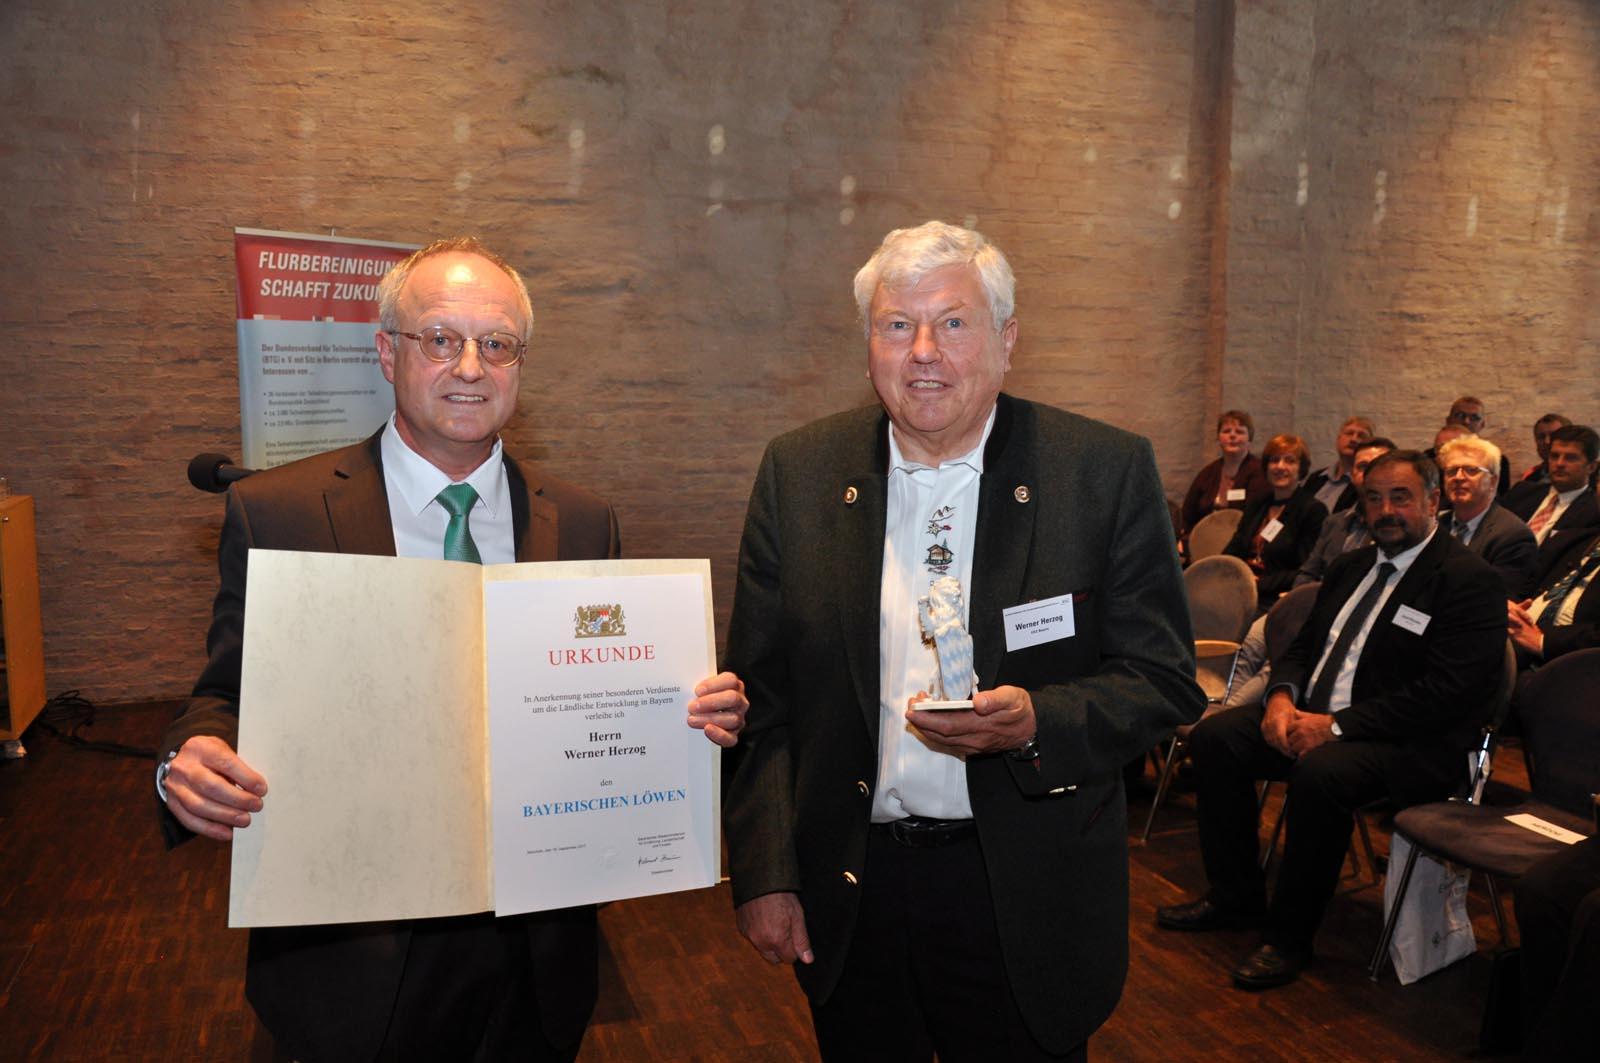 Auszeichnung für Werner Herzog